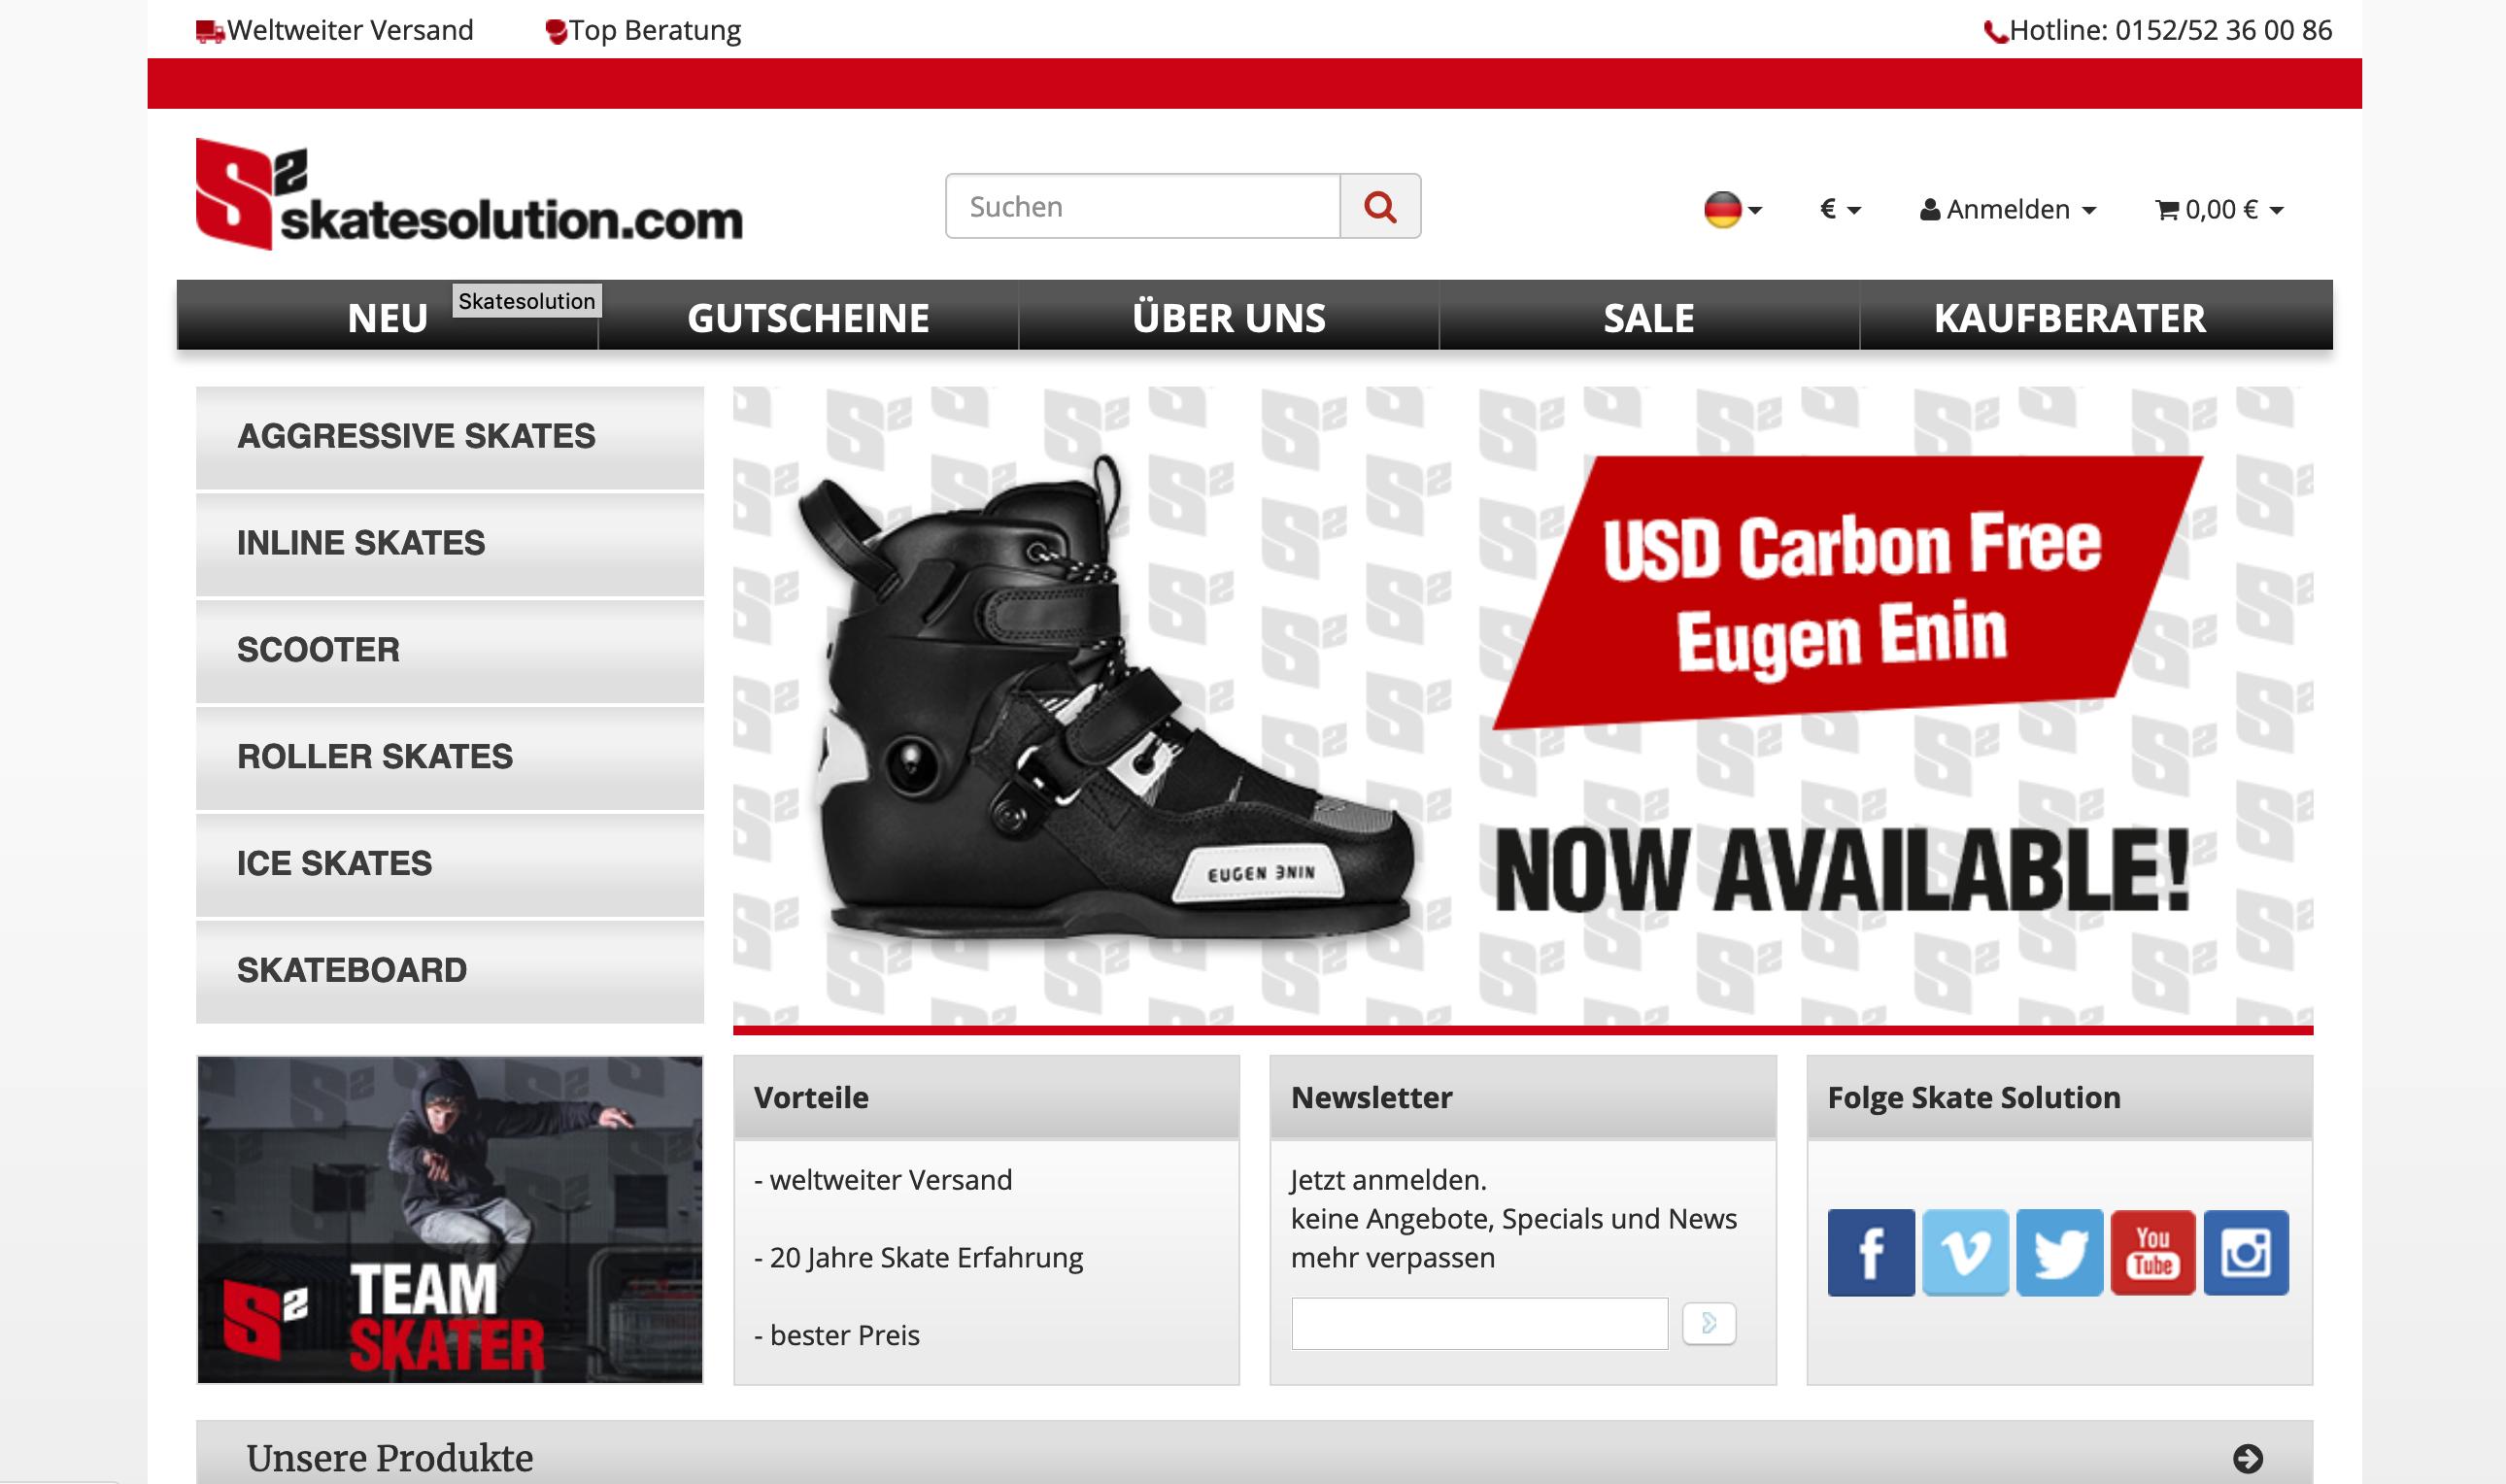 Skatesolution.com